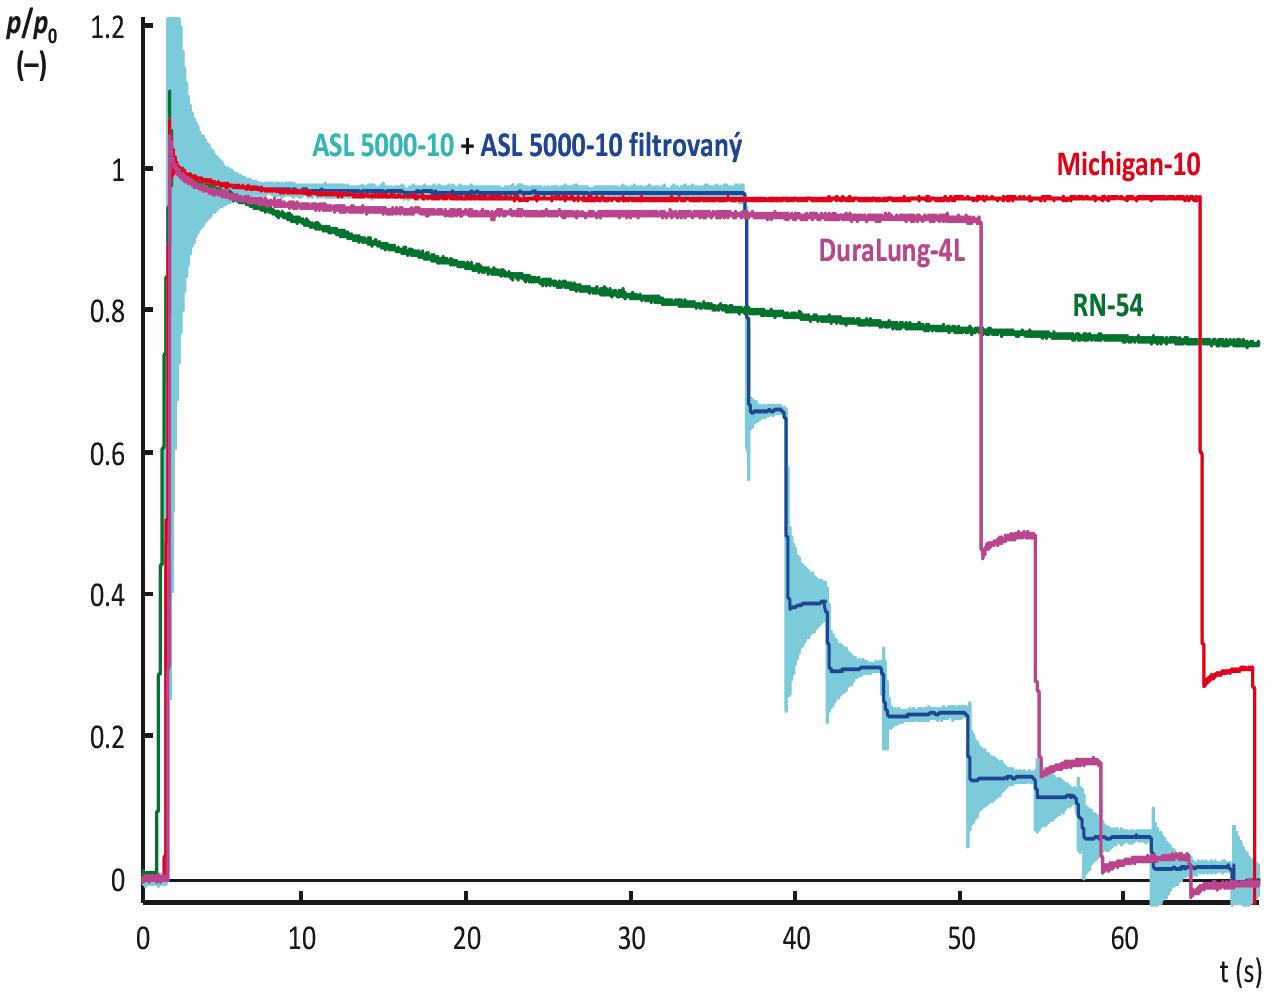 Porovnání tlakové odezvy modelu ASL 5000 s odezvami dalších modelů respirační soustavy. Hodnoty tlaku jsou pro jednotlivé modely respirační soustavy normalizovány vůči hodnotě tlaku <em>p</em><sub>0,3</sub>, která byla v příslušném modelu naměřena v čase 0,3 s od dokončení injekce vzduchu do modelu. Pro zpracování signálu z modelu ASL 5000 byly z původního signálu (světle modrá křivka) odstraněny oscilace (tmavě modrá křivka). Význam zkratek pro označení modelů respirační soustavy: DuraLung-4L – model DuraLung o objemu 4 L (South Pacific Biomedical, Temecula, CA, USA); Michigan-10 – model Dual Adult Test Lung 5600i (Michigan Instruments, Grand Rapids, MI, USA) s nastavenou poddajností 10 mL/cm H<sub>2</sub>O; RN-54 nekompenzovaný model vyrobený na FBMI z rigidní nádoby.